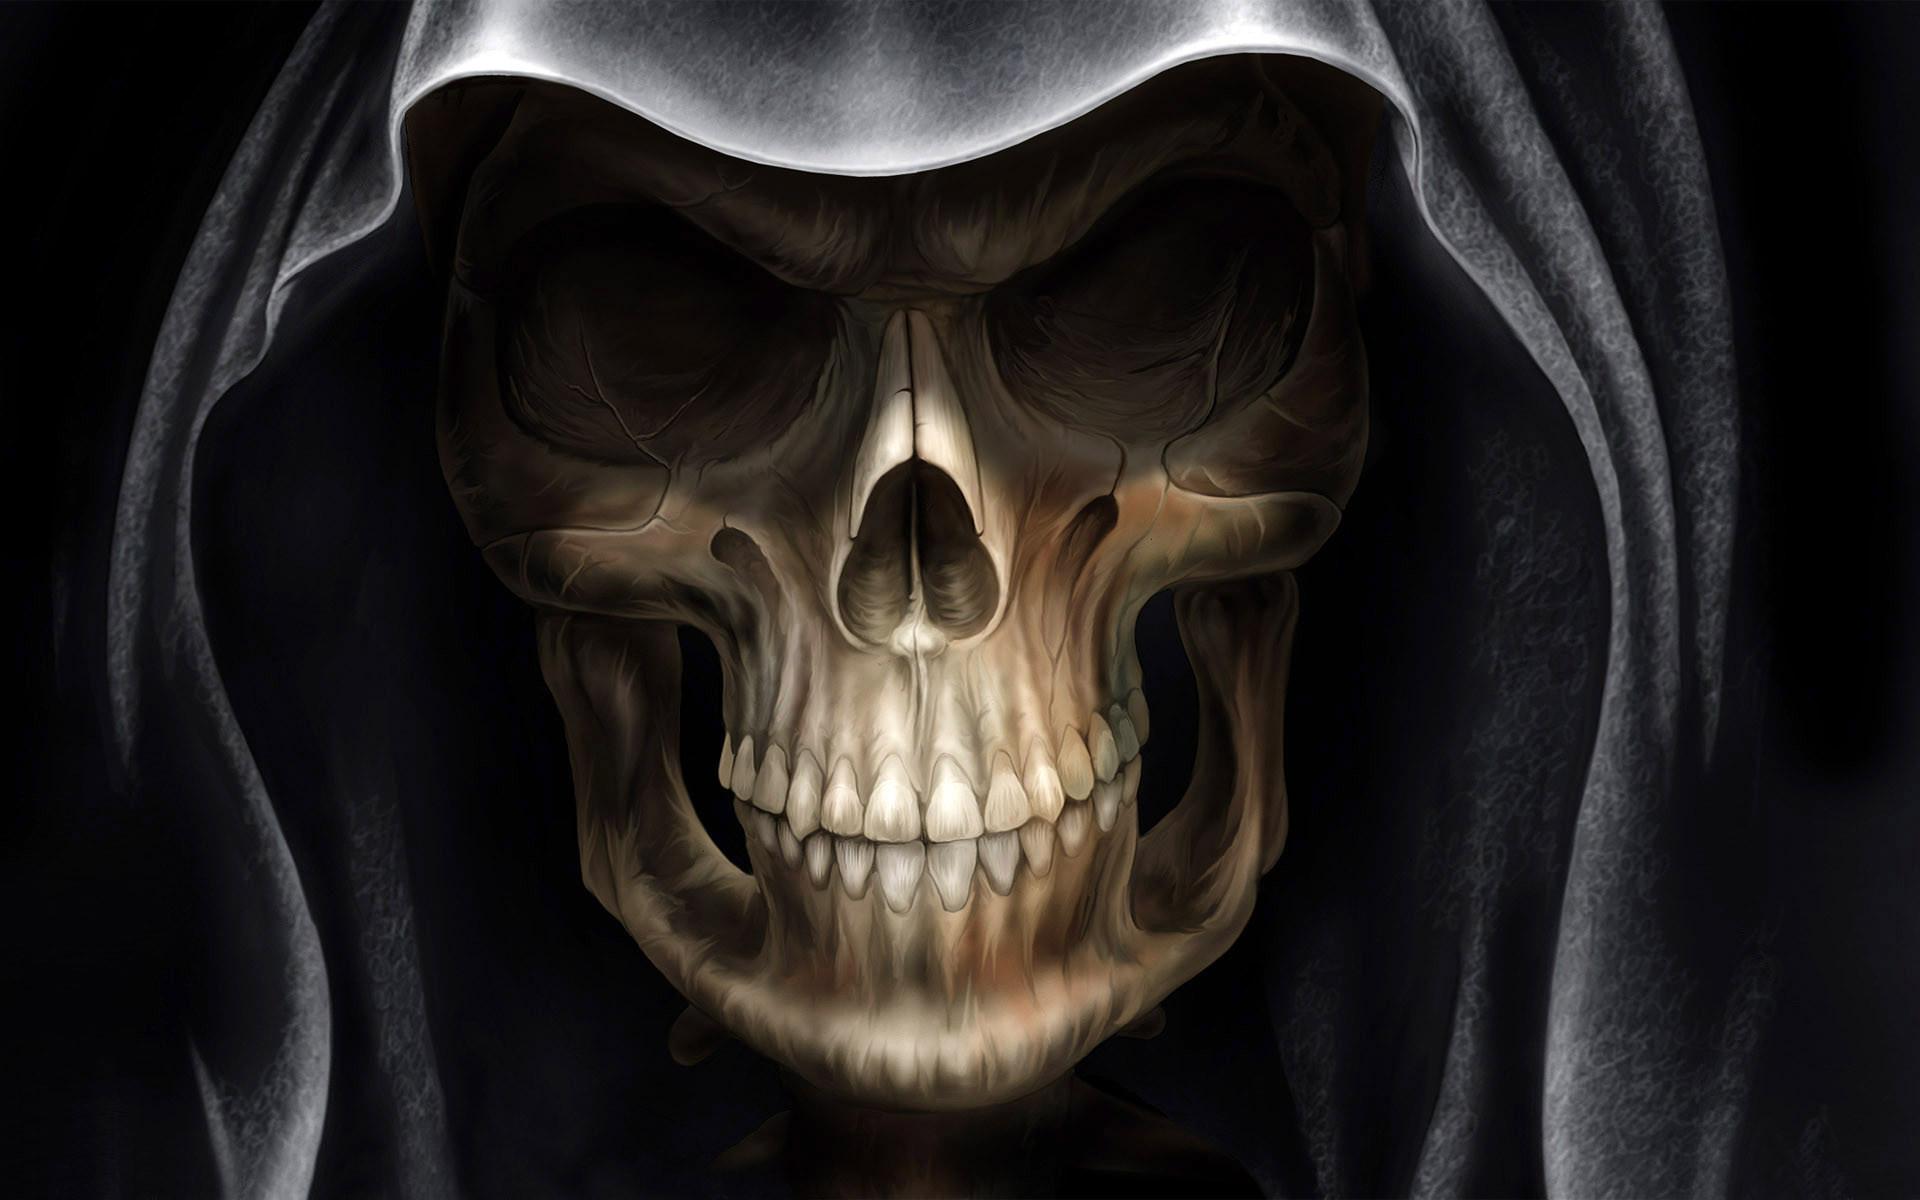 Skull HD Wallpaper - Skull HD Wallpaper